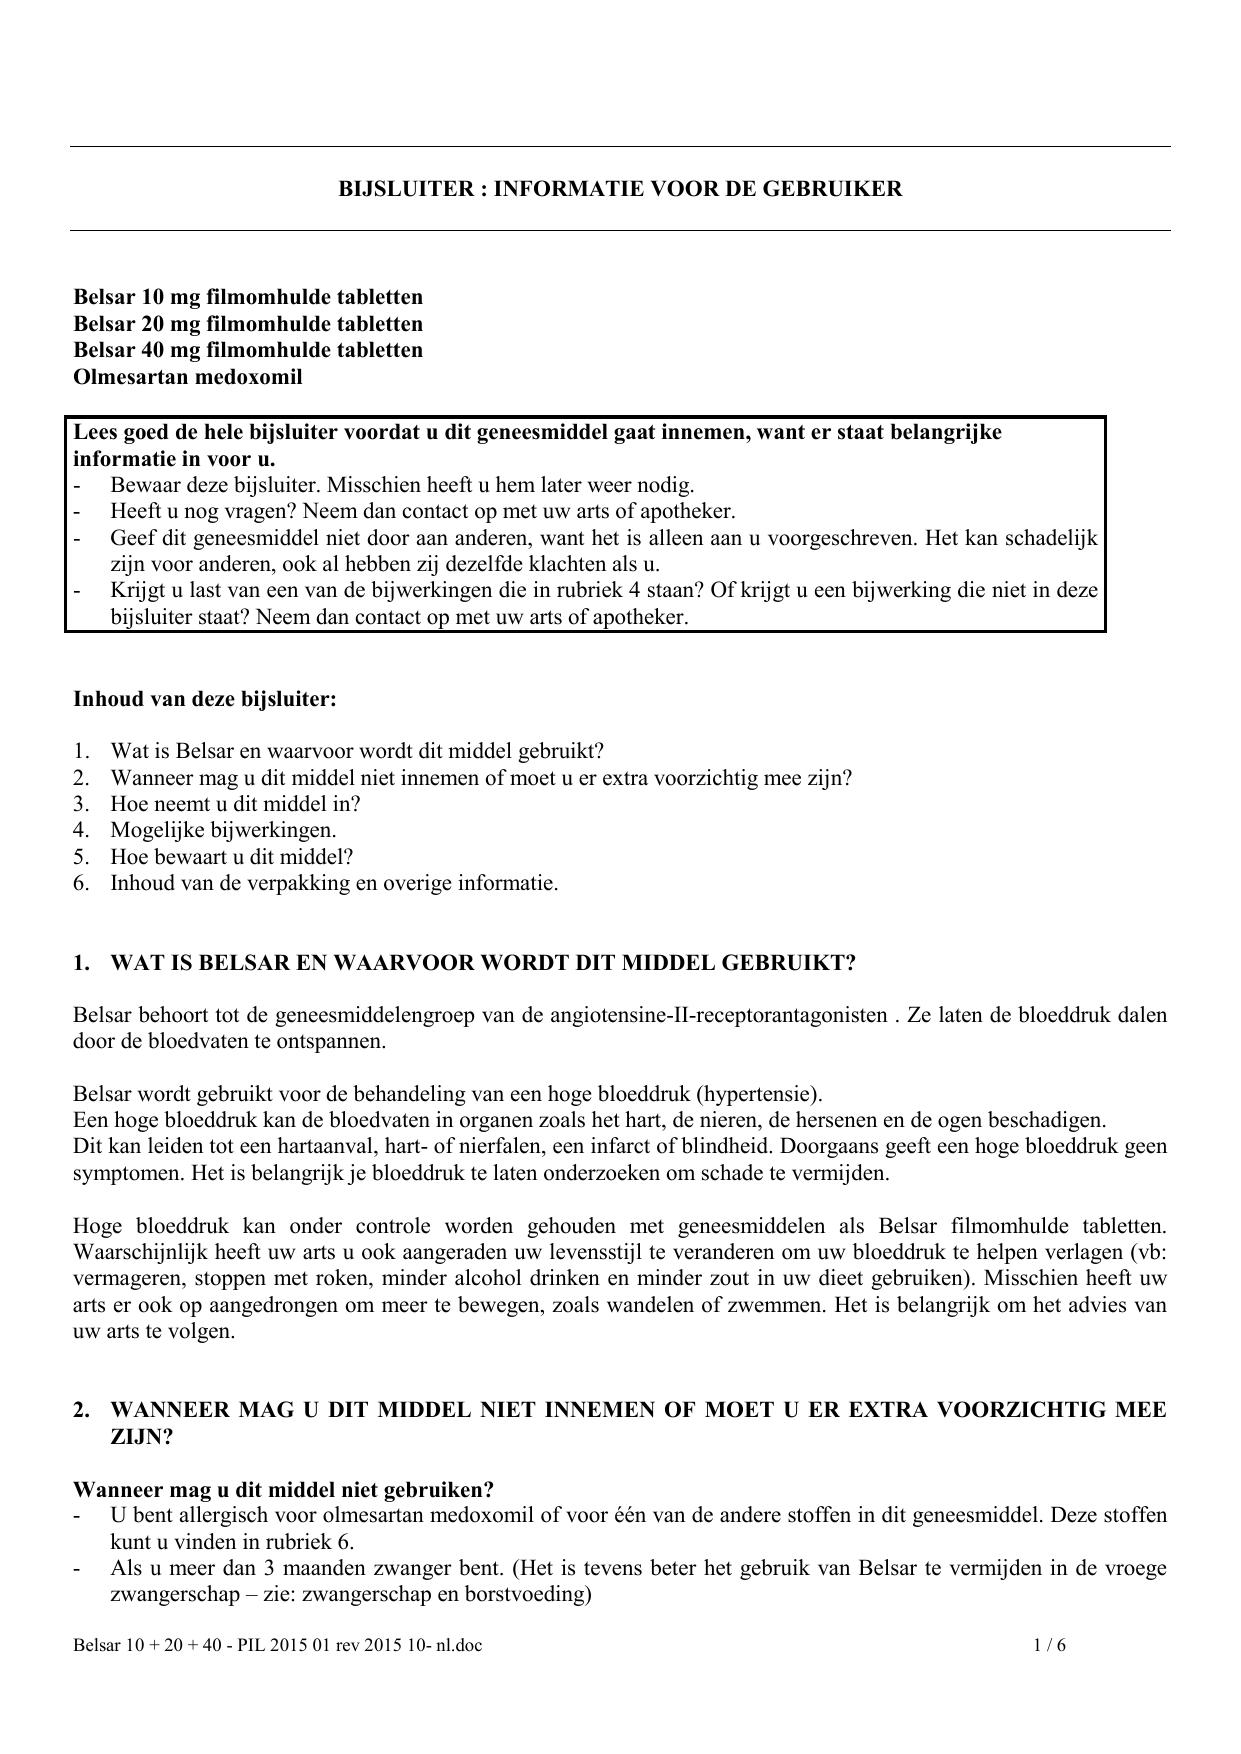 Bijsluiter Informatie Voor De Gebruiker Belsar 10 Mg